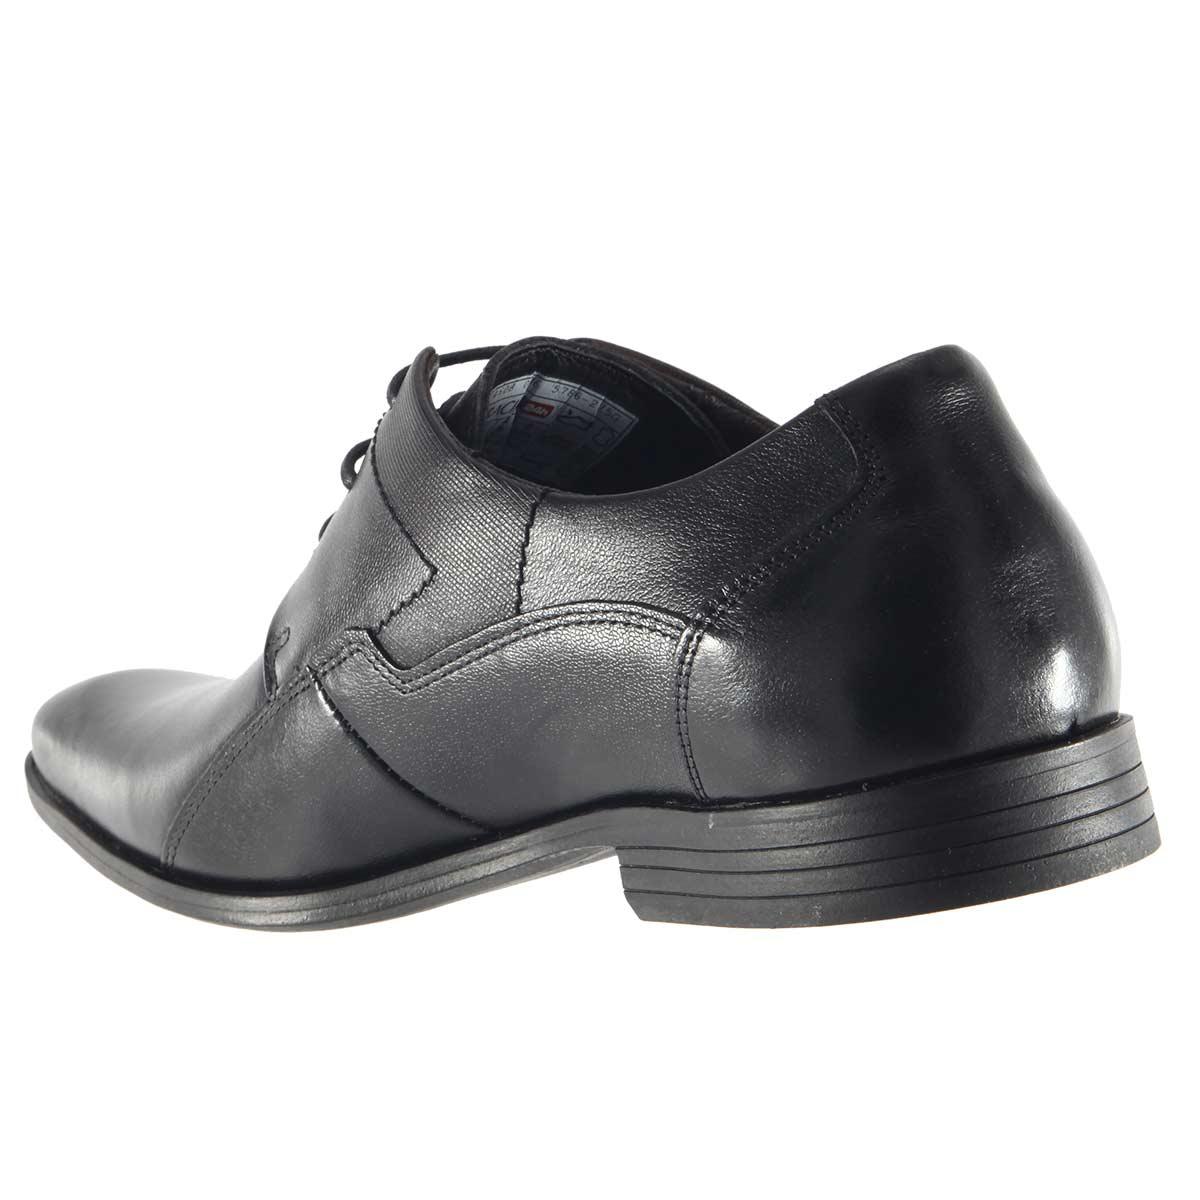 Sapato Ferracini Firenze Social Couro Cadarço 5786-275  - Ian Calçados